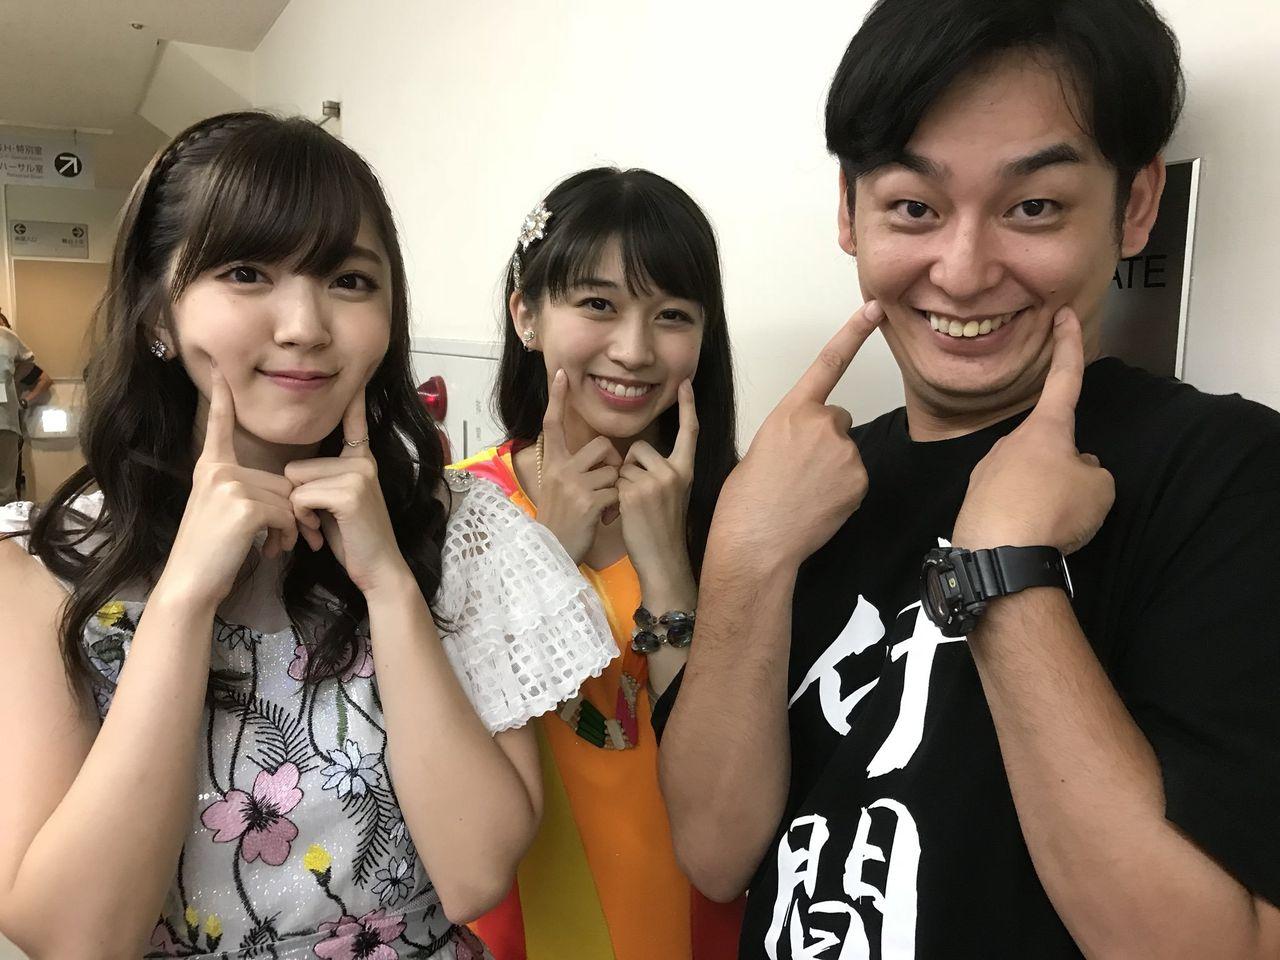 【爆笑】 モー娘。牧野真莉愛、キングオブアイドルの元℃-ute鈴木愛理ちゃんに容赦なく公開処刑されてしまう